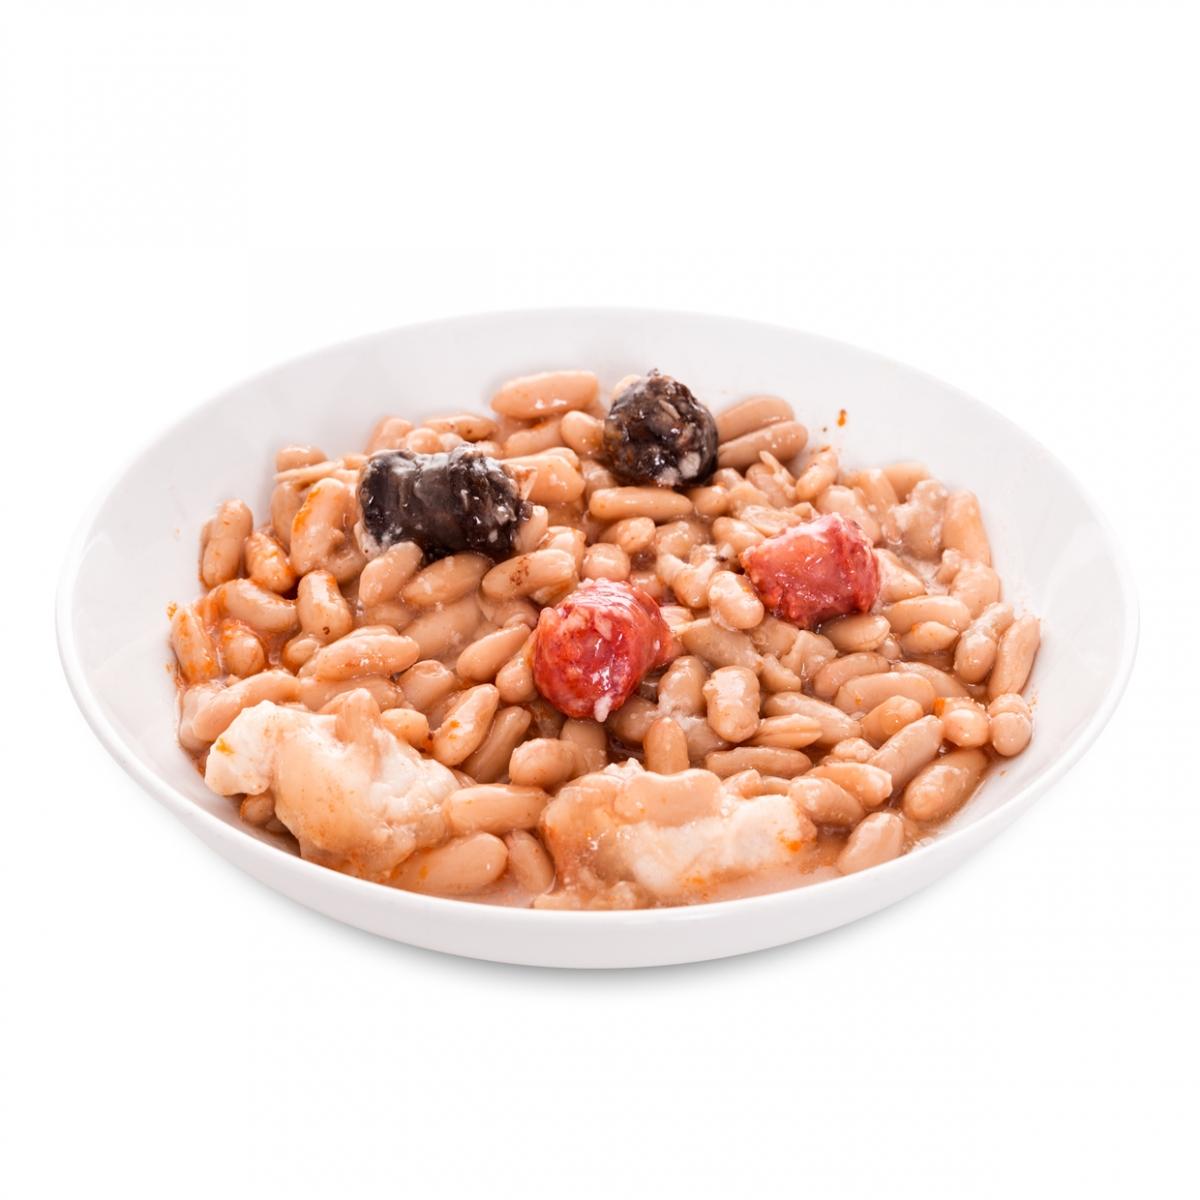 Imagen en la que se ve un plato de fabada